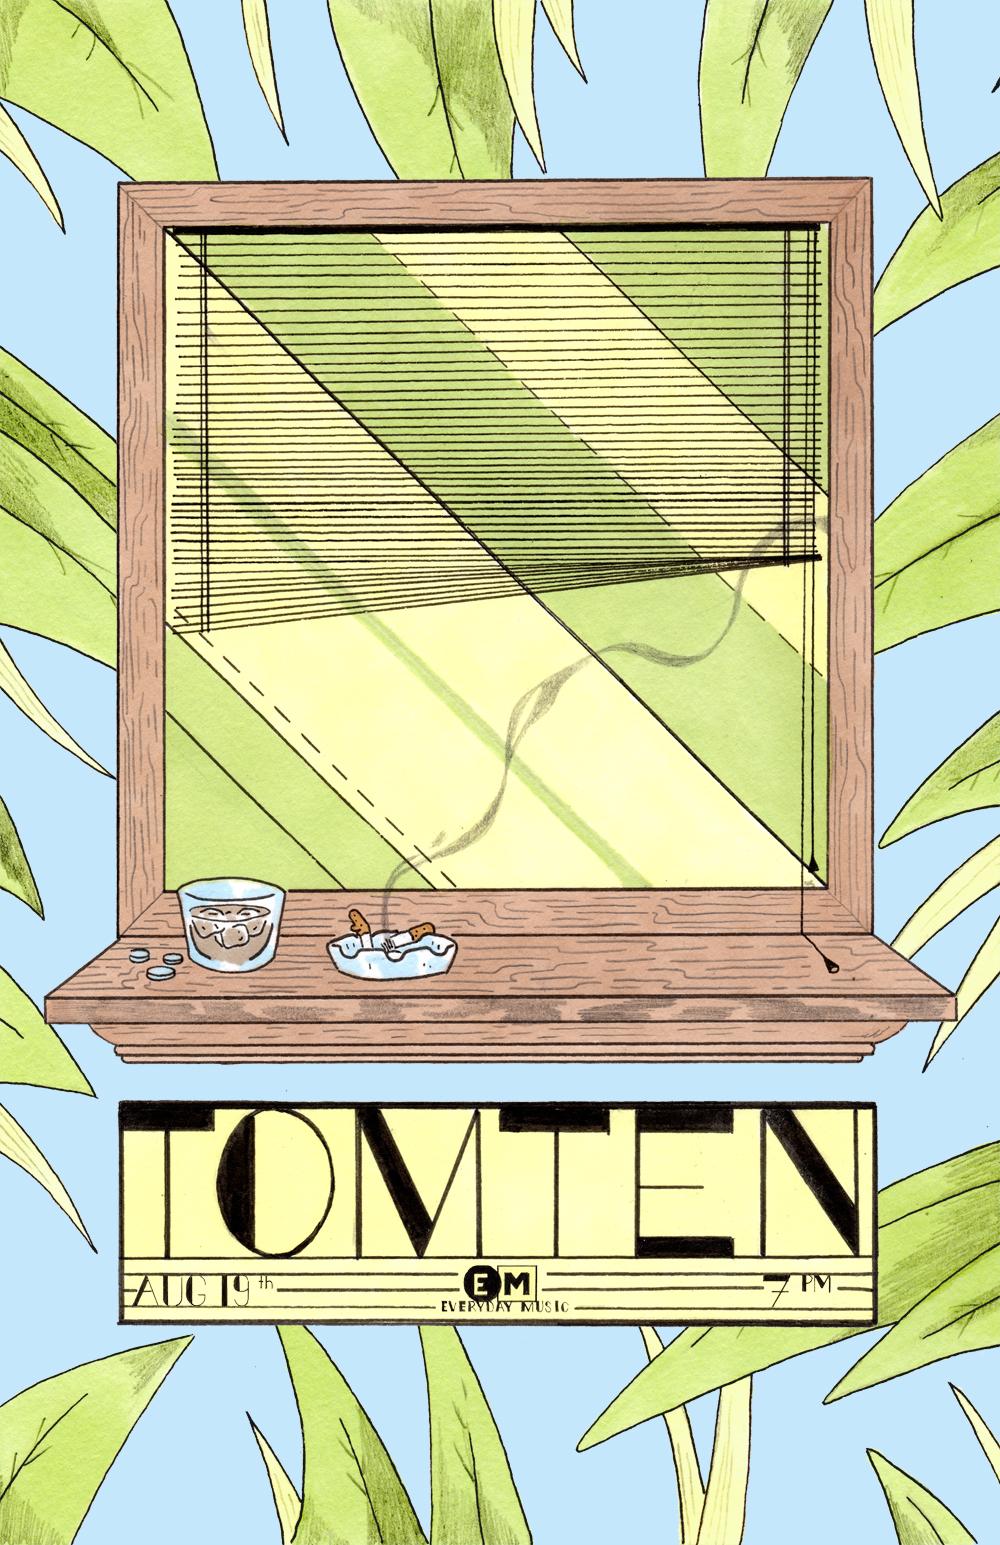 8:14 Tomten Poster.jpg